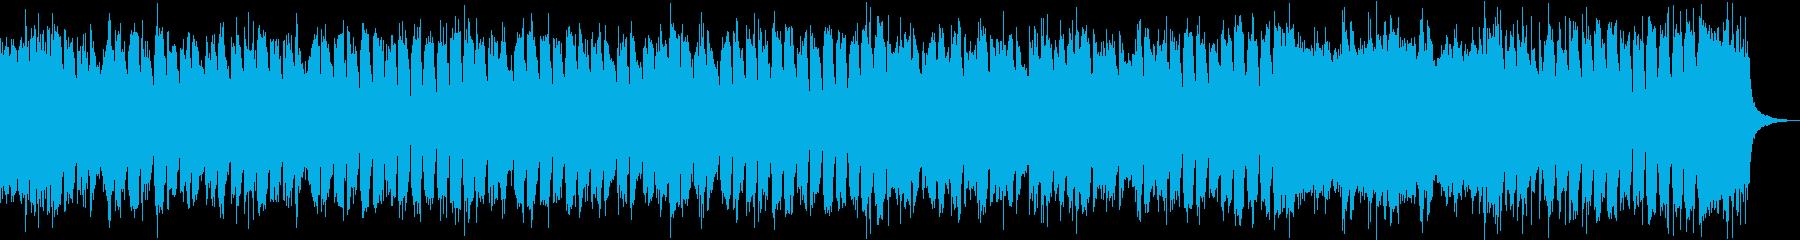 コマーシャルゴージャス派手ブラスロックbの再生済みの波形